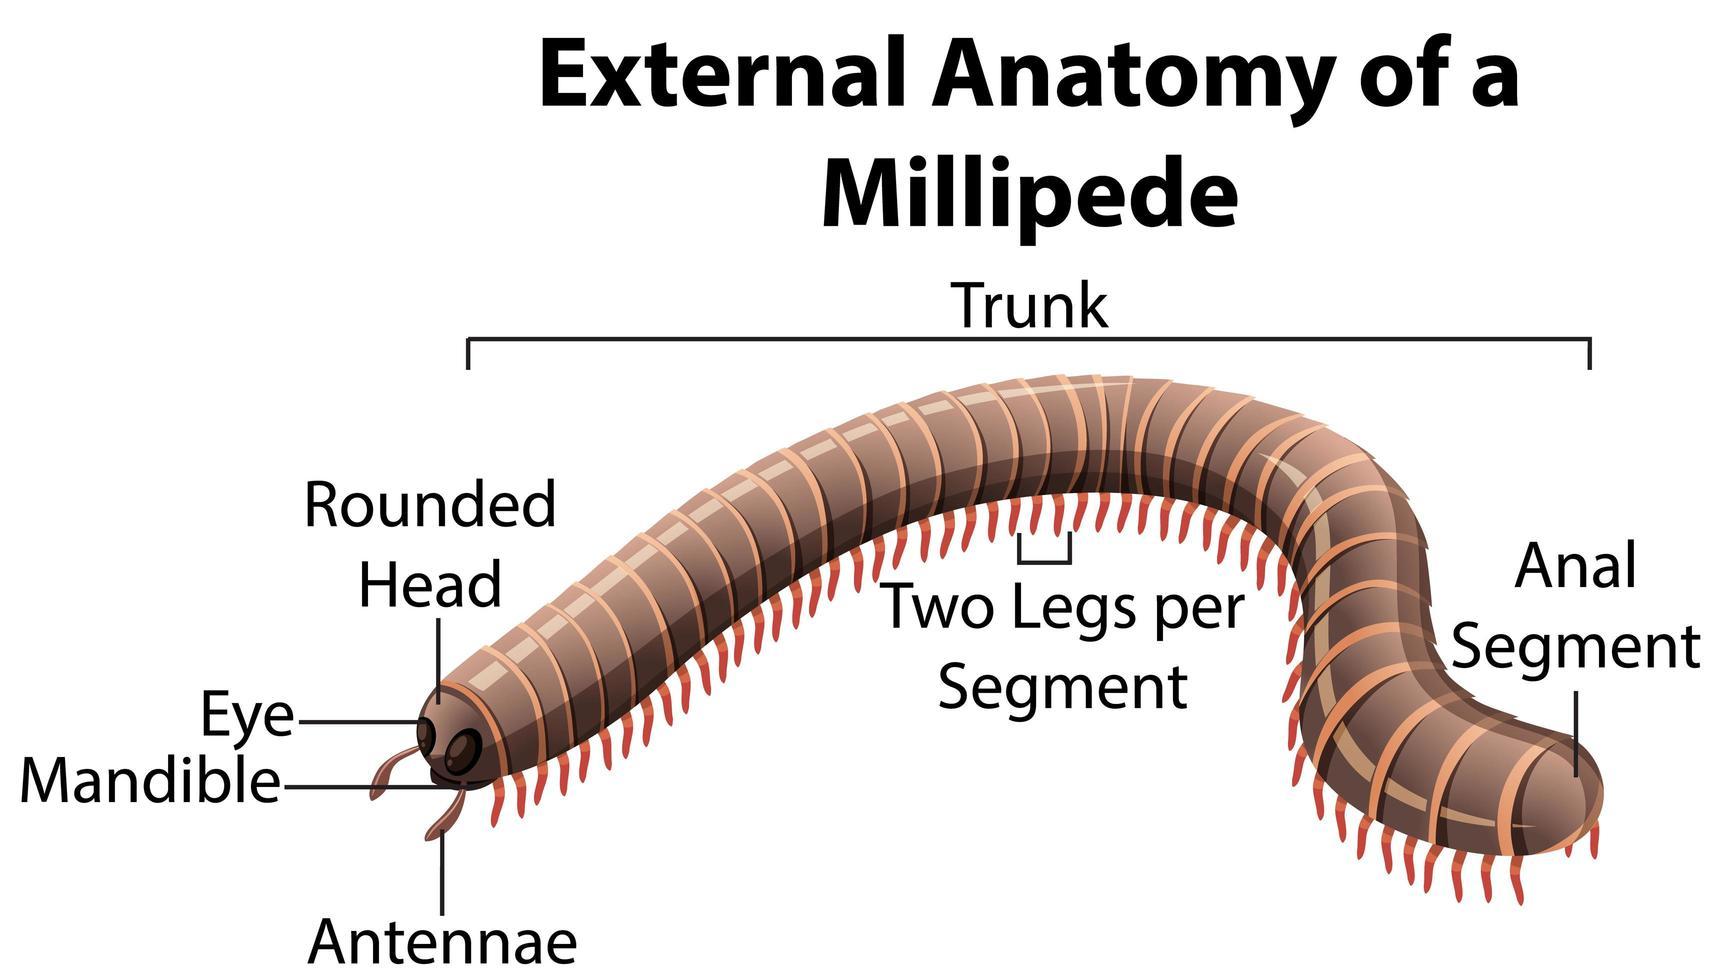 anatomia esterna di un millepiedi su sfondo bianco vettore